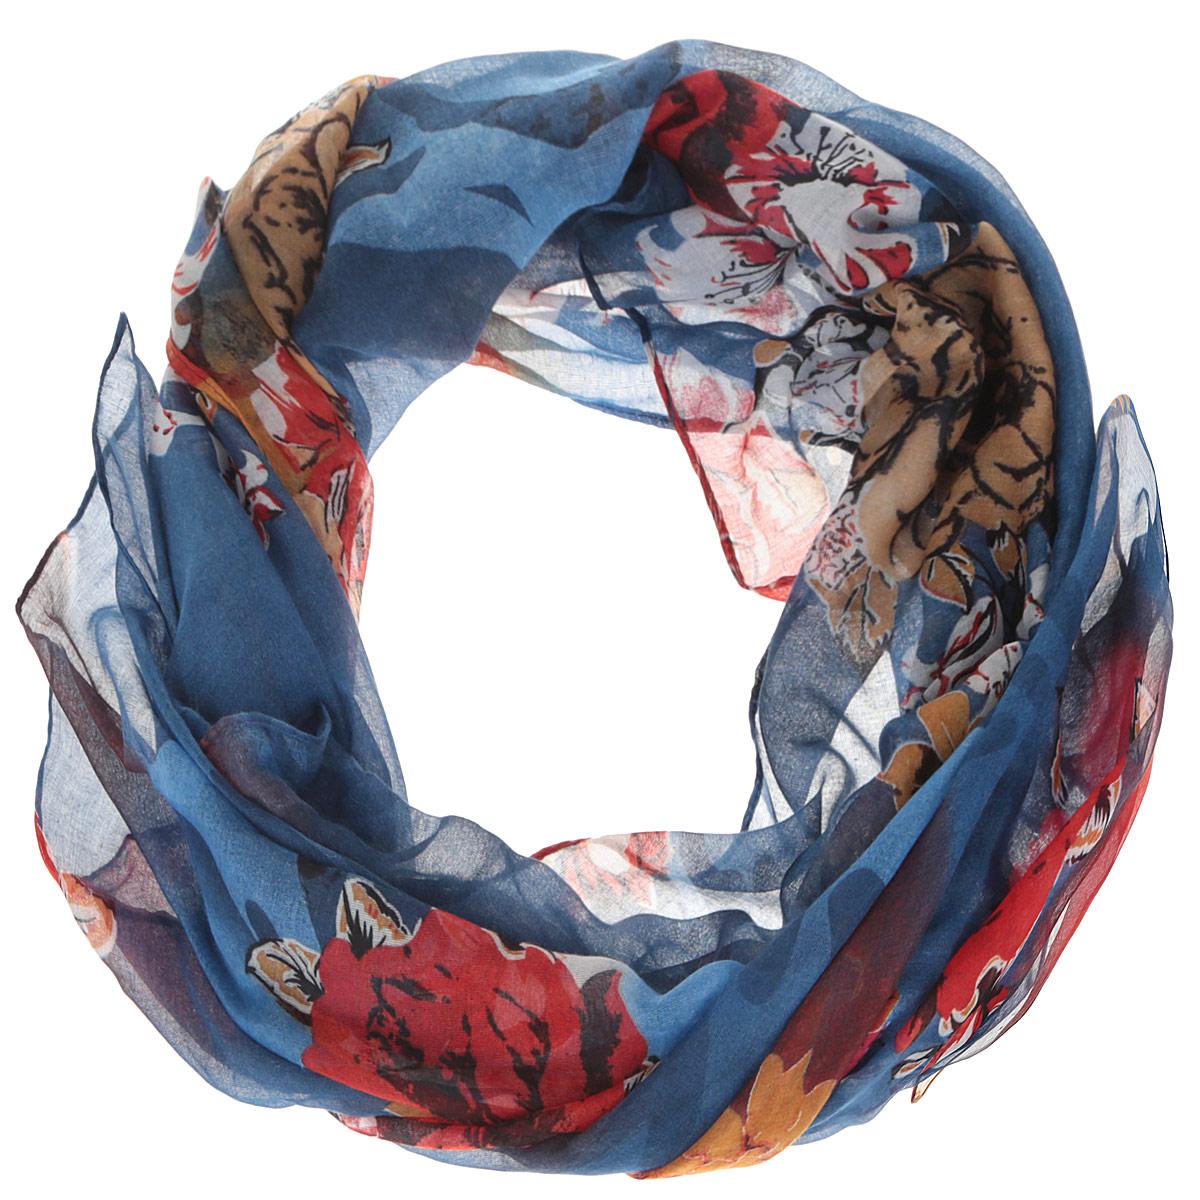 Шарф женский Fabretti, цвет: синий, оранжевый. JH599-1. Размер 180 см х 90 смJH599-1Модный женский шарф Fabretti подарит вам уют и станет стильным аксессуаром, который призван подчеркнуть вашу индивидуальность и женственность. Тонкий шарф выполнен из высококачественной 100% вискозы, он невероятно мягкий и приятный на ощупь. Шарф оформлен принтом с изображением пышных цветов.Этот модный аксессуар гармонично дополнит образ современной женщины, следящей за своим имиджем и стремящейся всегда оставаться стильной и элегантной. Такой шарф украсит любой наряд и согреет вас в непогоду, с ним вы всегда будете выглядеть изысканно и оригинально.